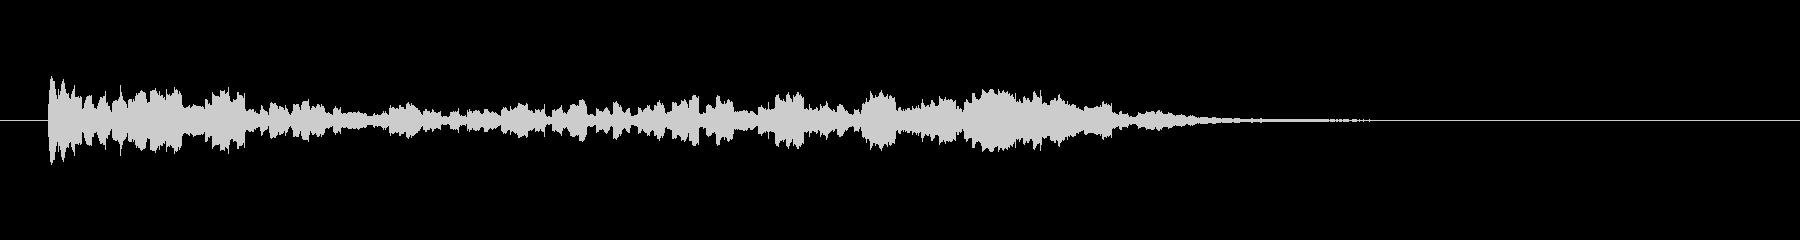 ゴングスモールロール-ローリングゴ...の未再生の波形